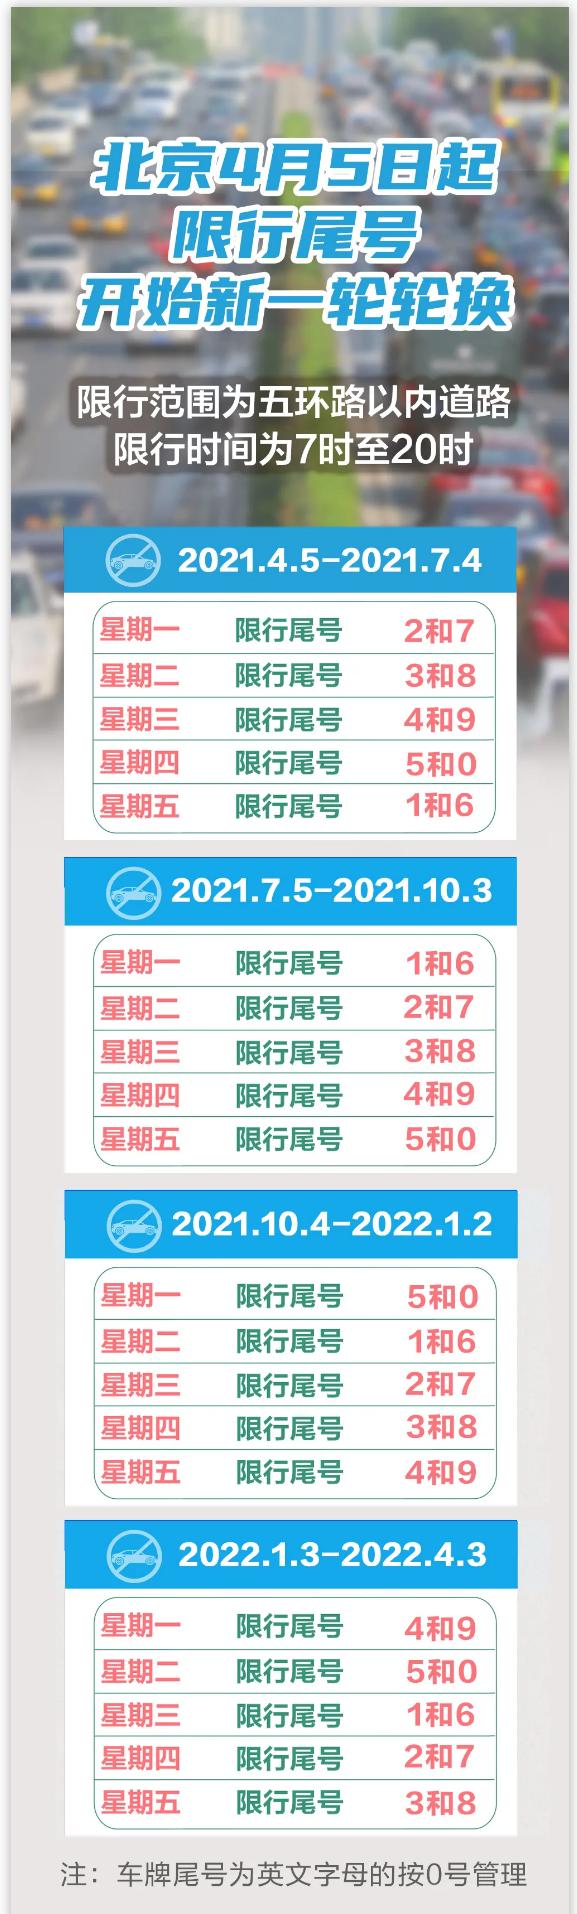 北京限行规定2021年4月最新通知 北京市实施工作日高峰时段区域限行交通管理措施